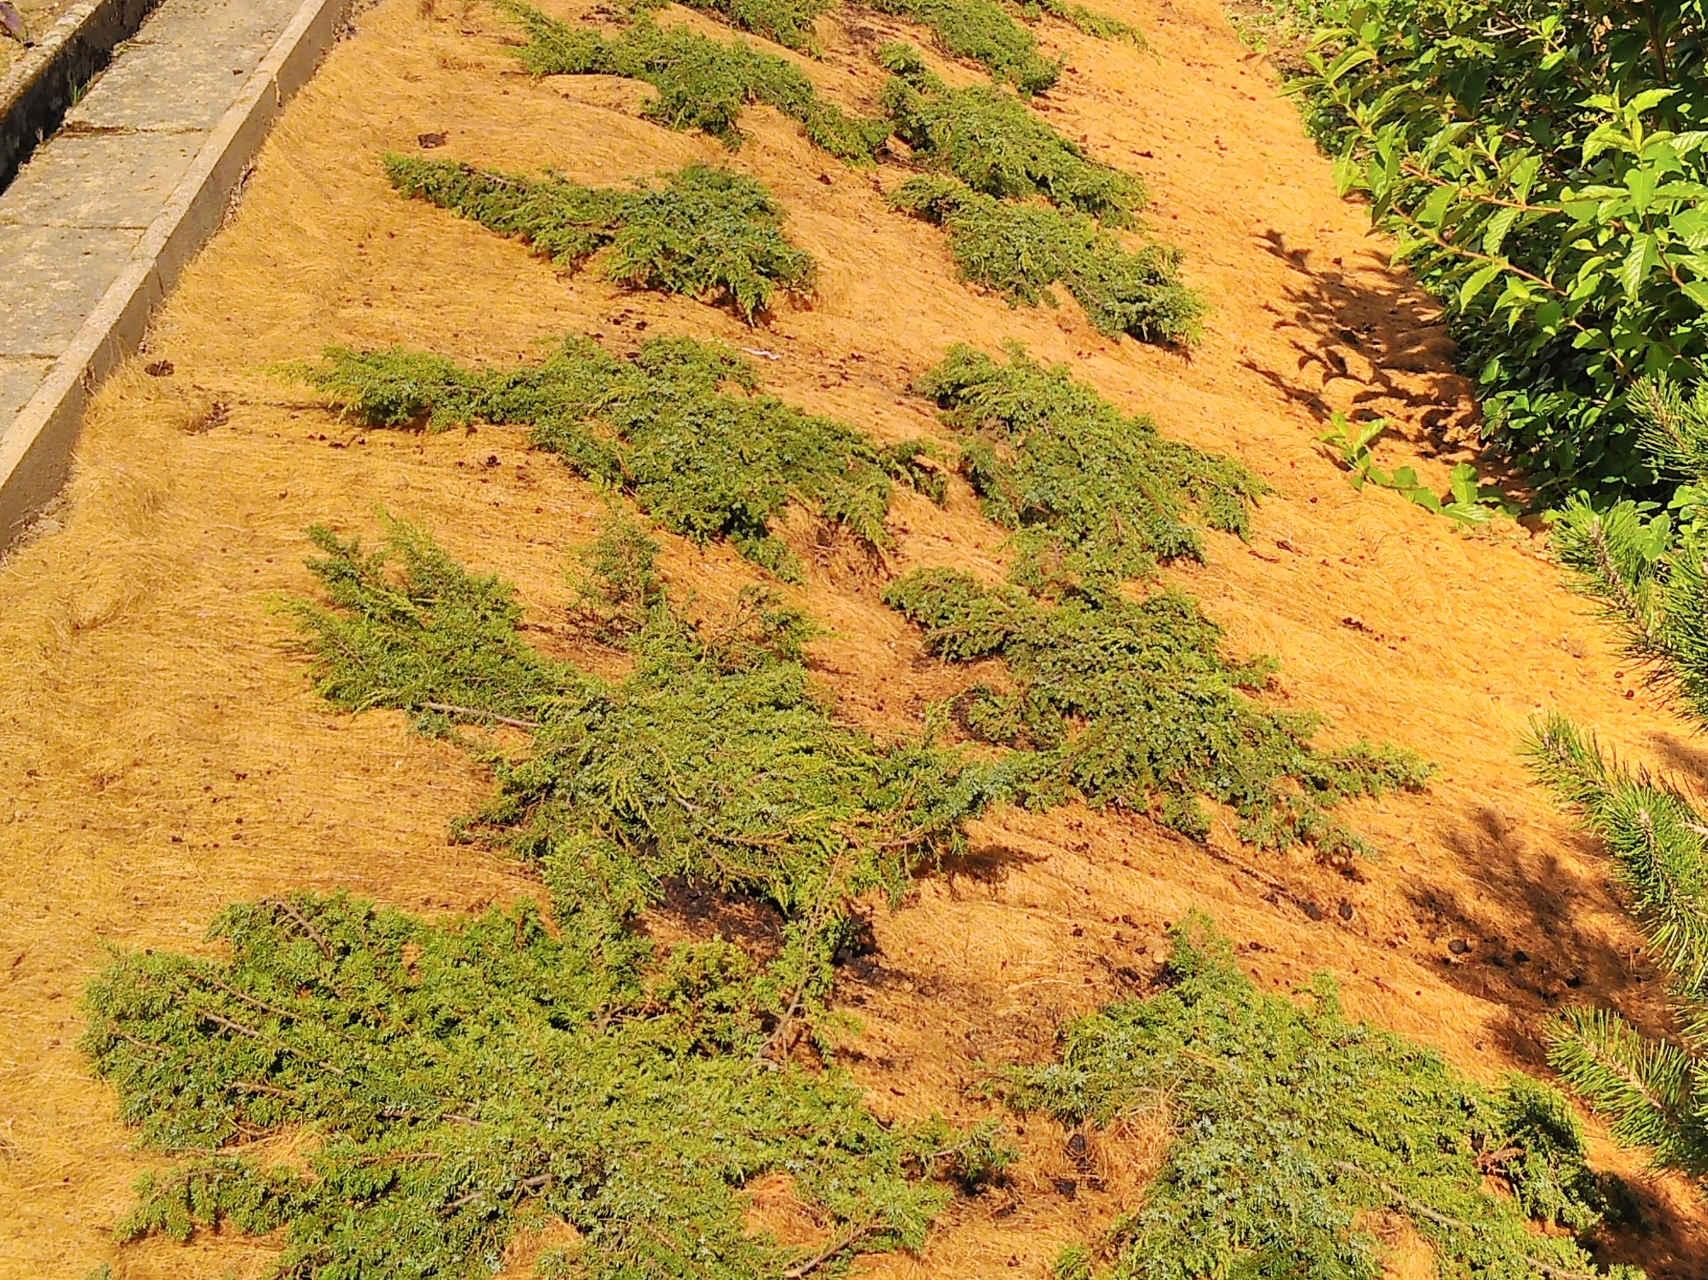 Bepflanzung Bodendecker in Kokosmatte an Böschung